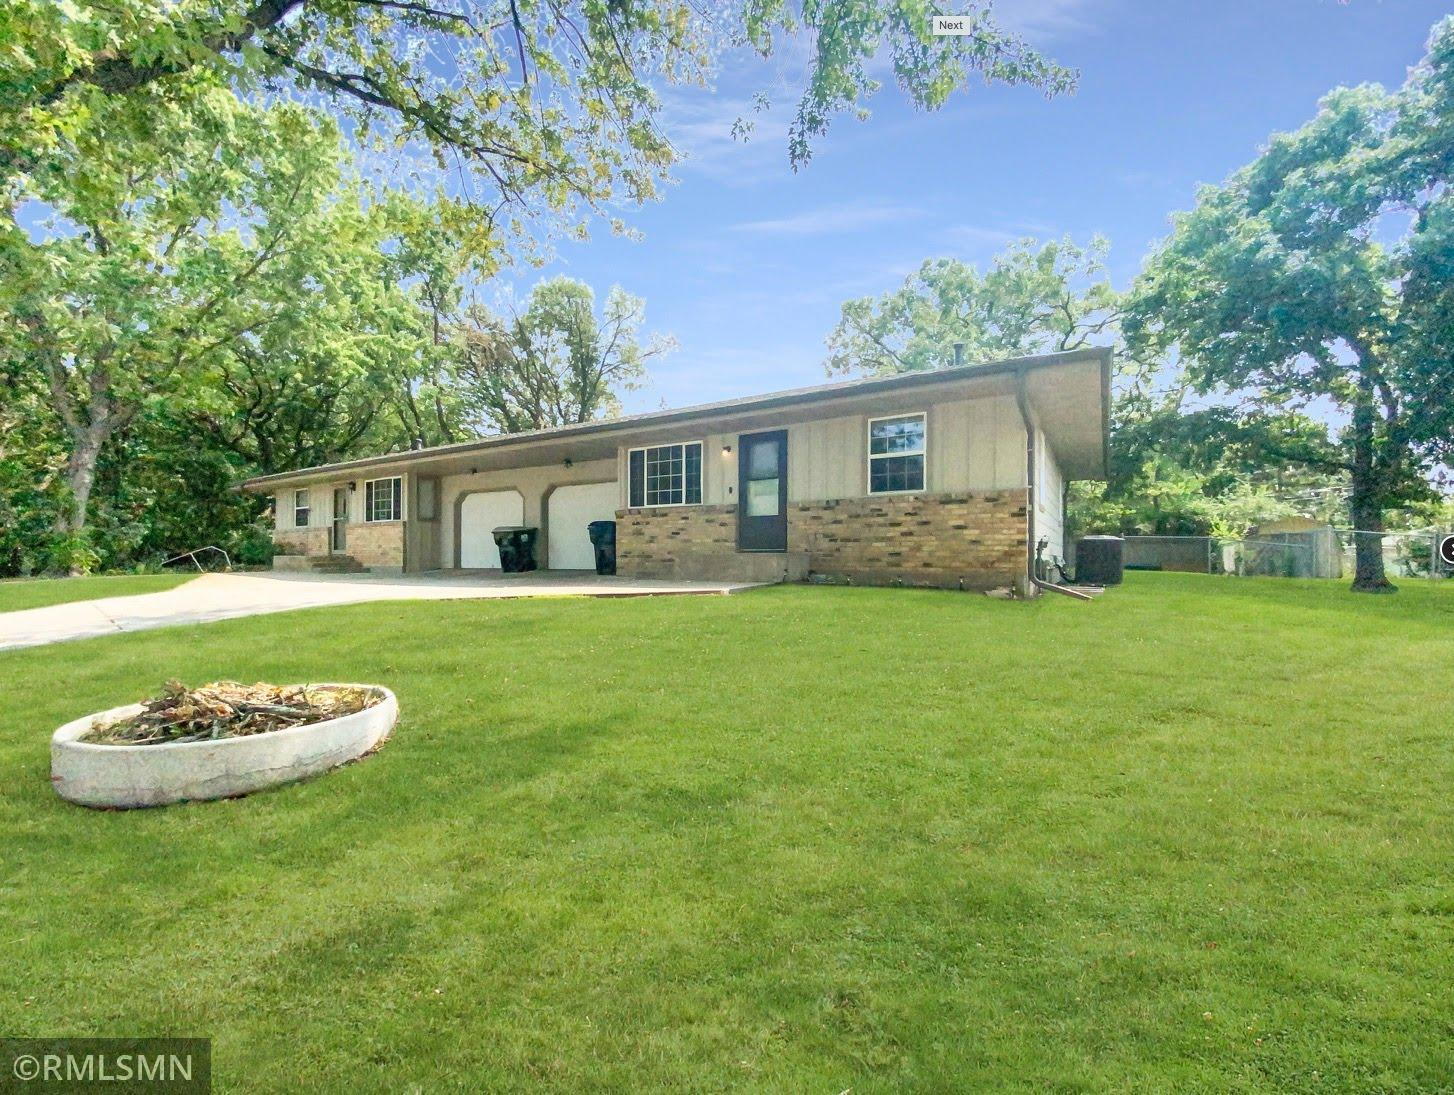 2692 109th Lane Nw Property Photo